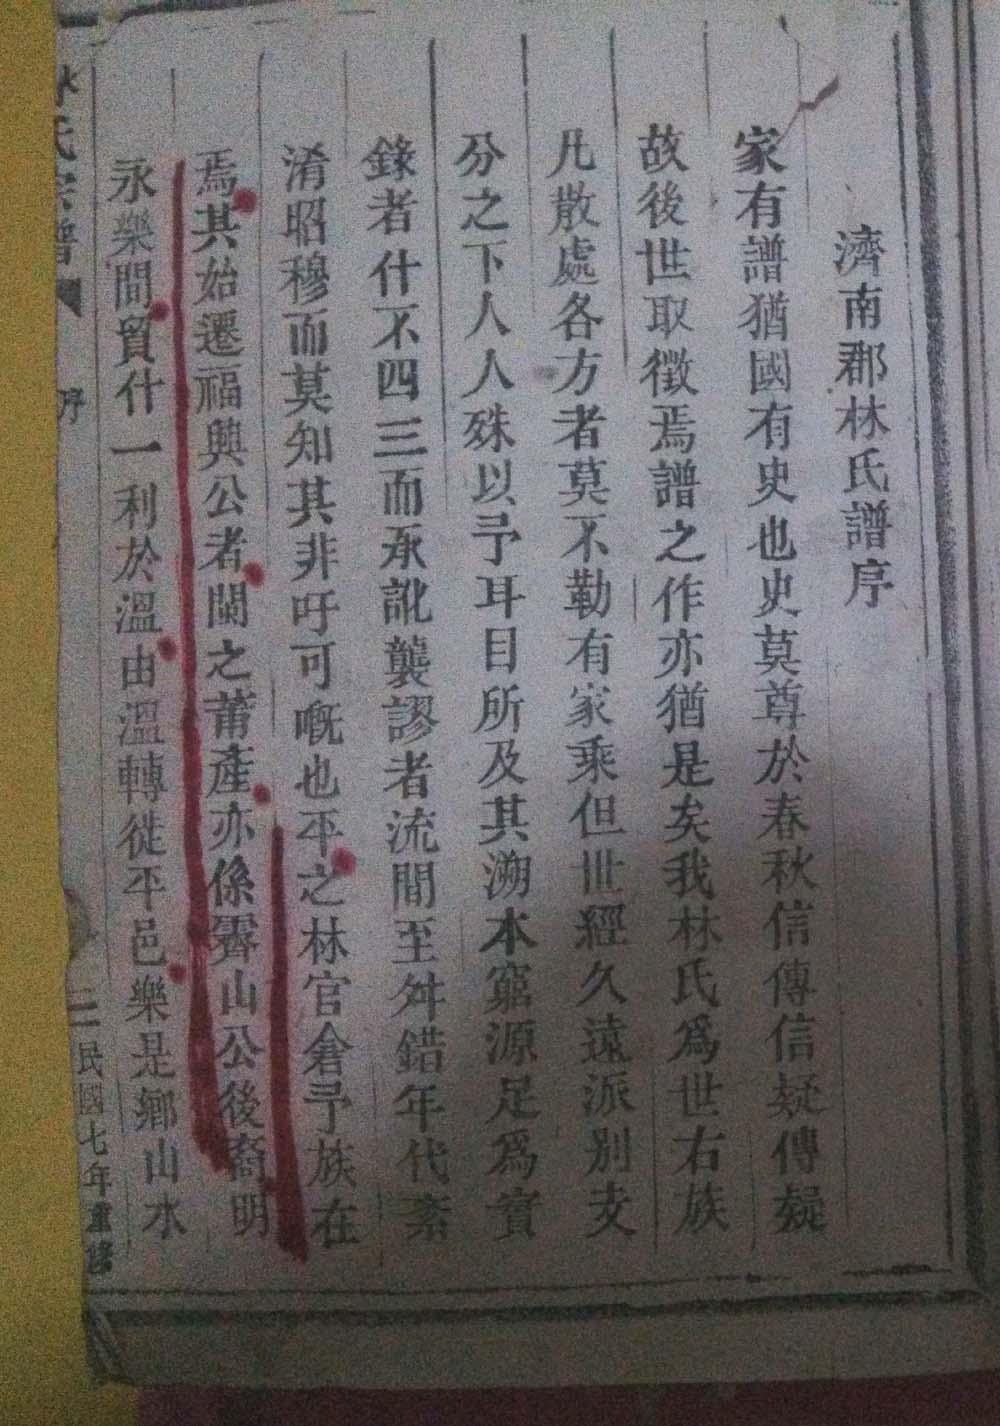 【清】林梦楠《济南郡林氏谱序》(苍南林官仓)